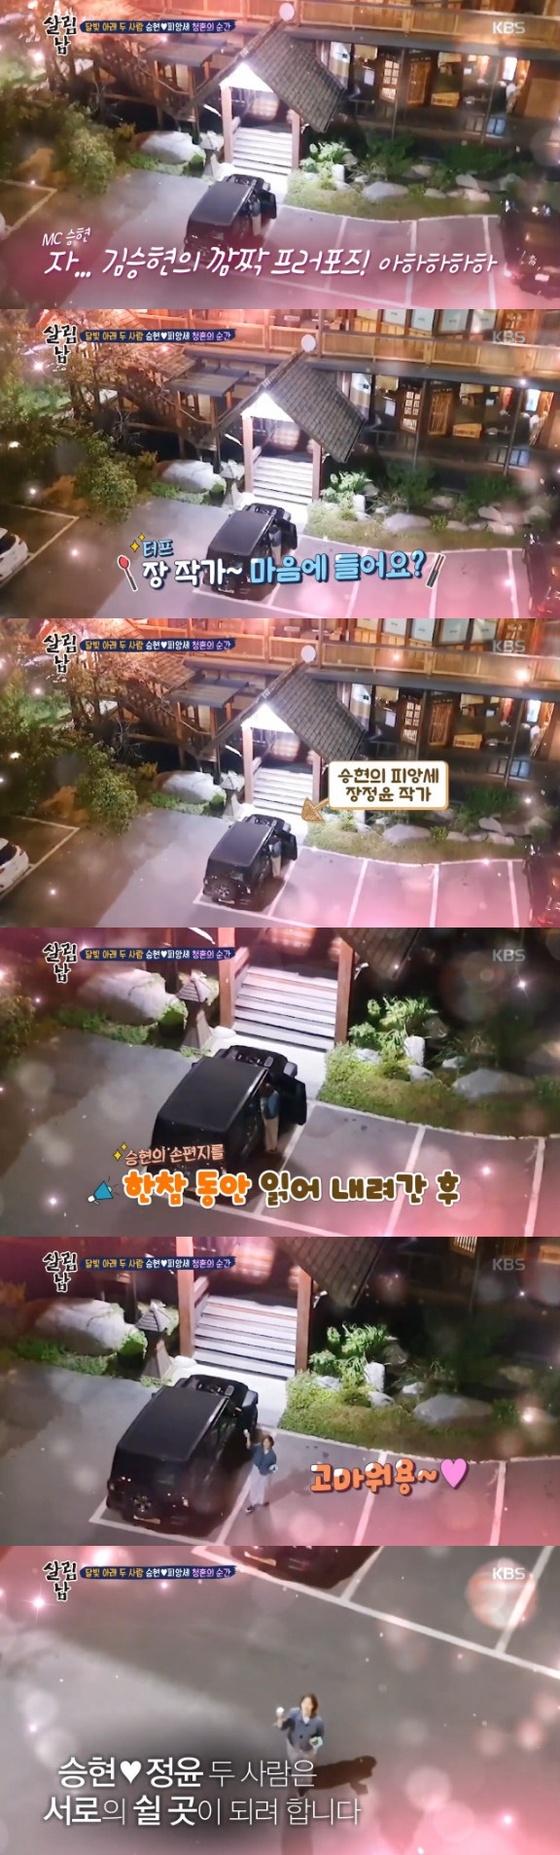 '살림남2' 김승현, 장정윤 작가에 손편지·다이아반지로 달콤 프러포즈